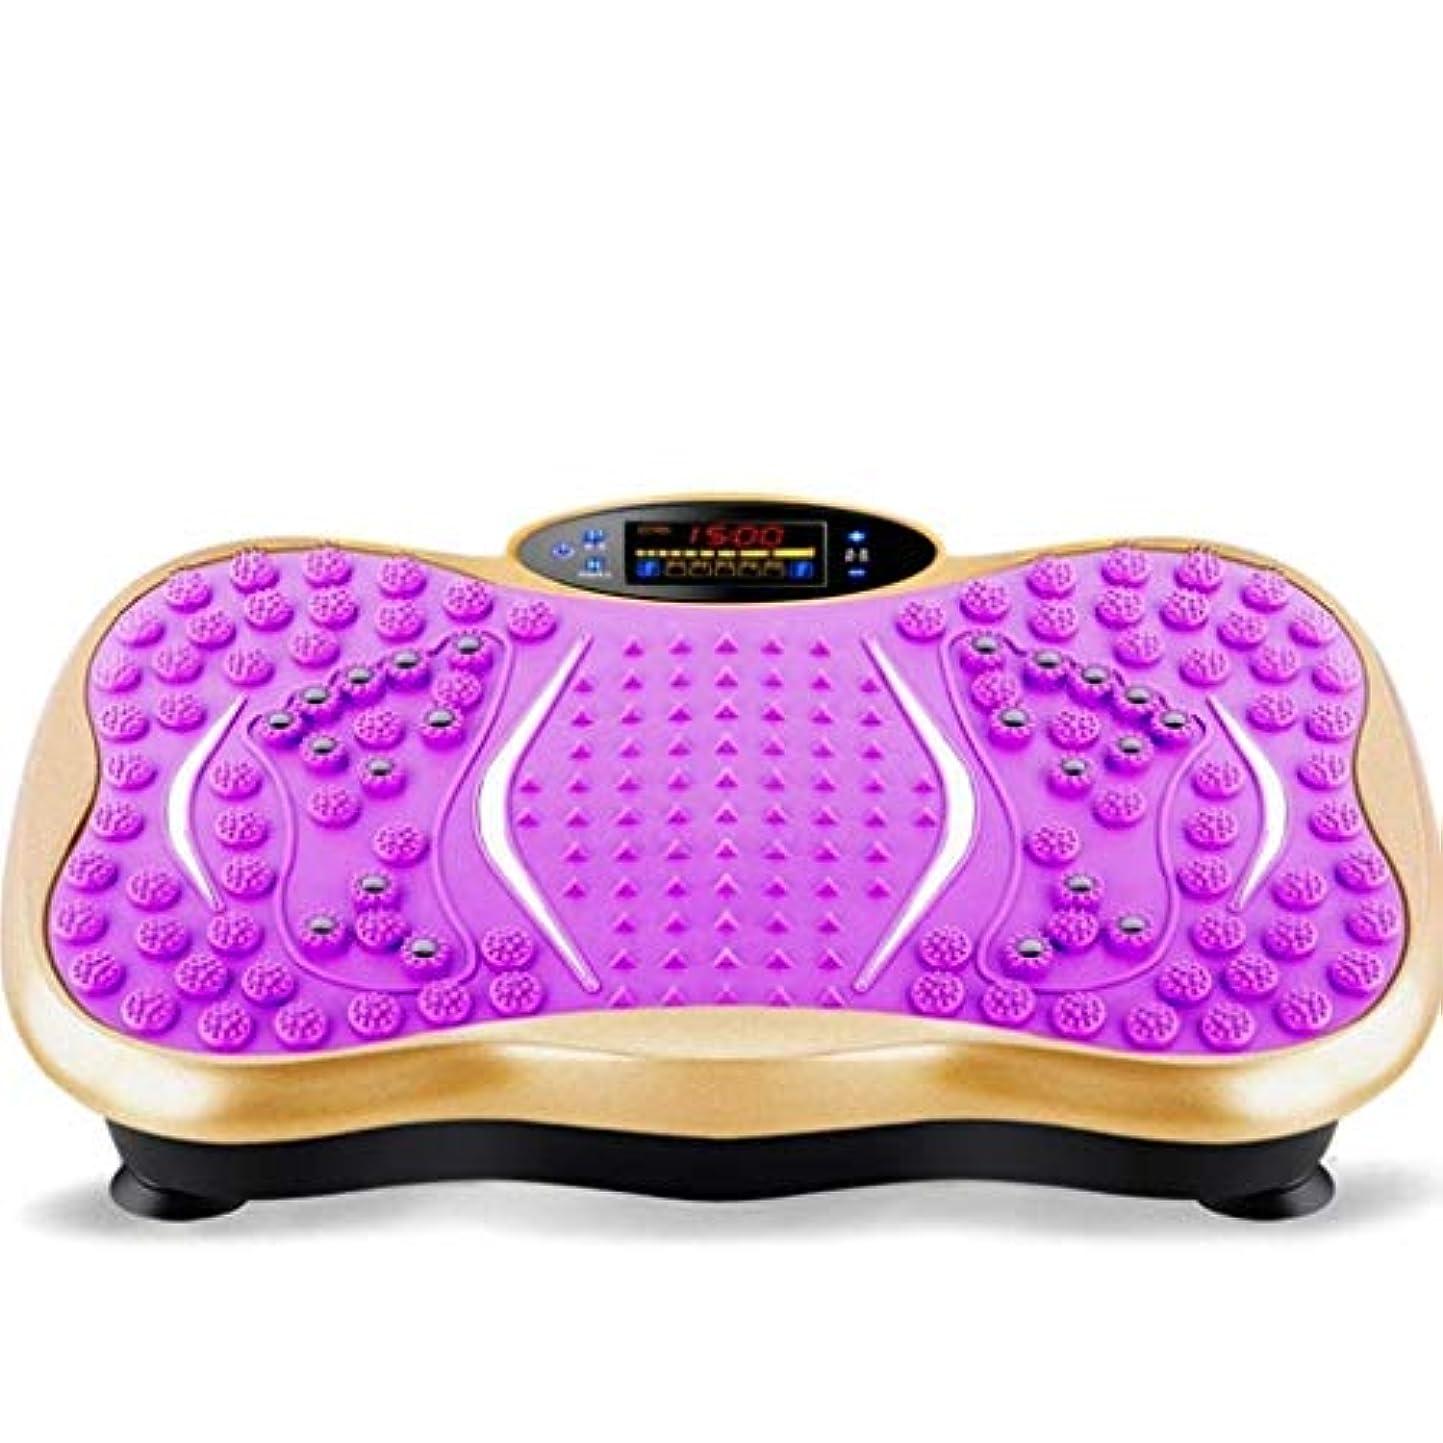 苦しめるグラムアパル減量機、減量マッサージ機、モーション振動成形機、家族に適したBluetooth音楽の5つのモード、ユニセックス振動トレーナー、減量 (Color : 紫の)